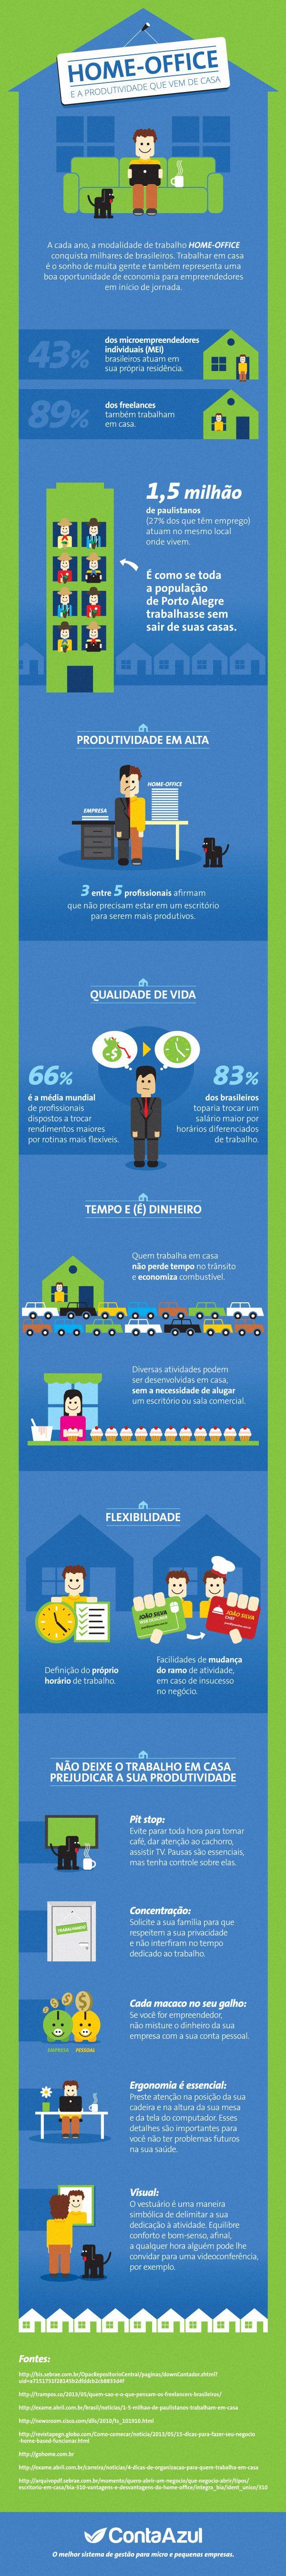 Home-office e a produtividade que vem de casa - Infográficos - Carreira - Administradores.com